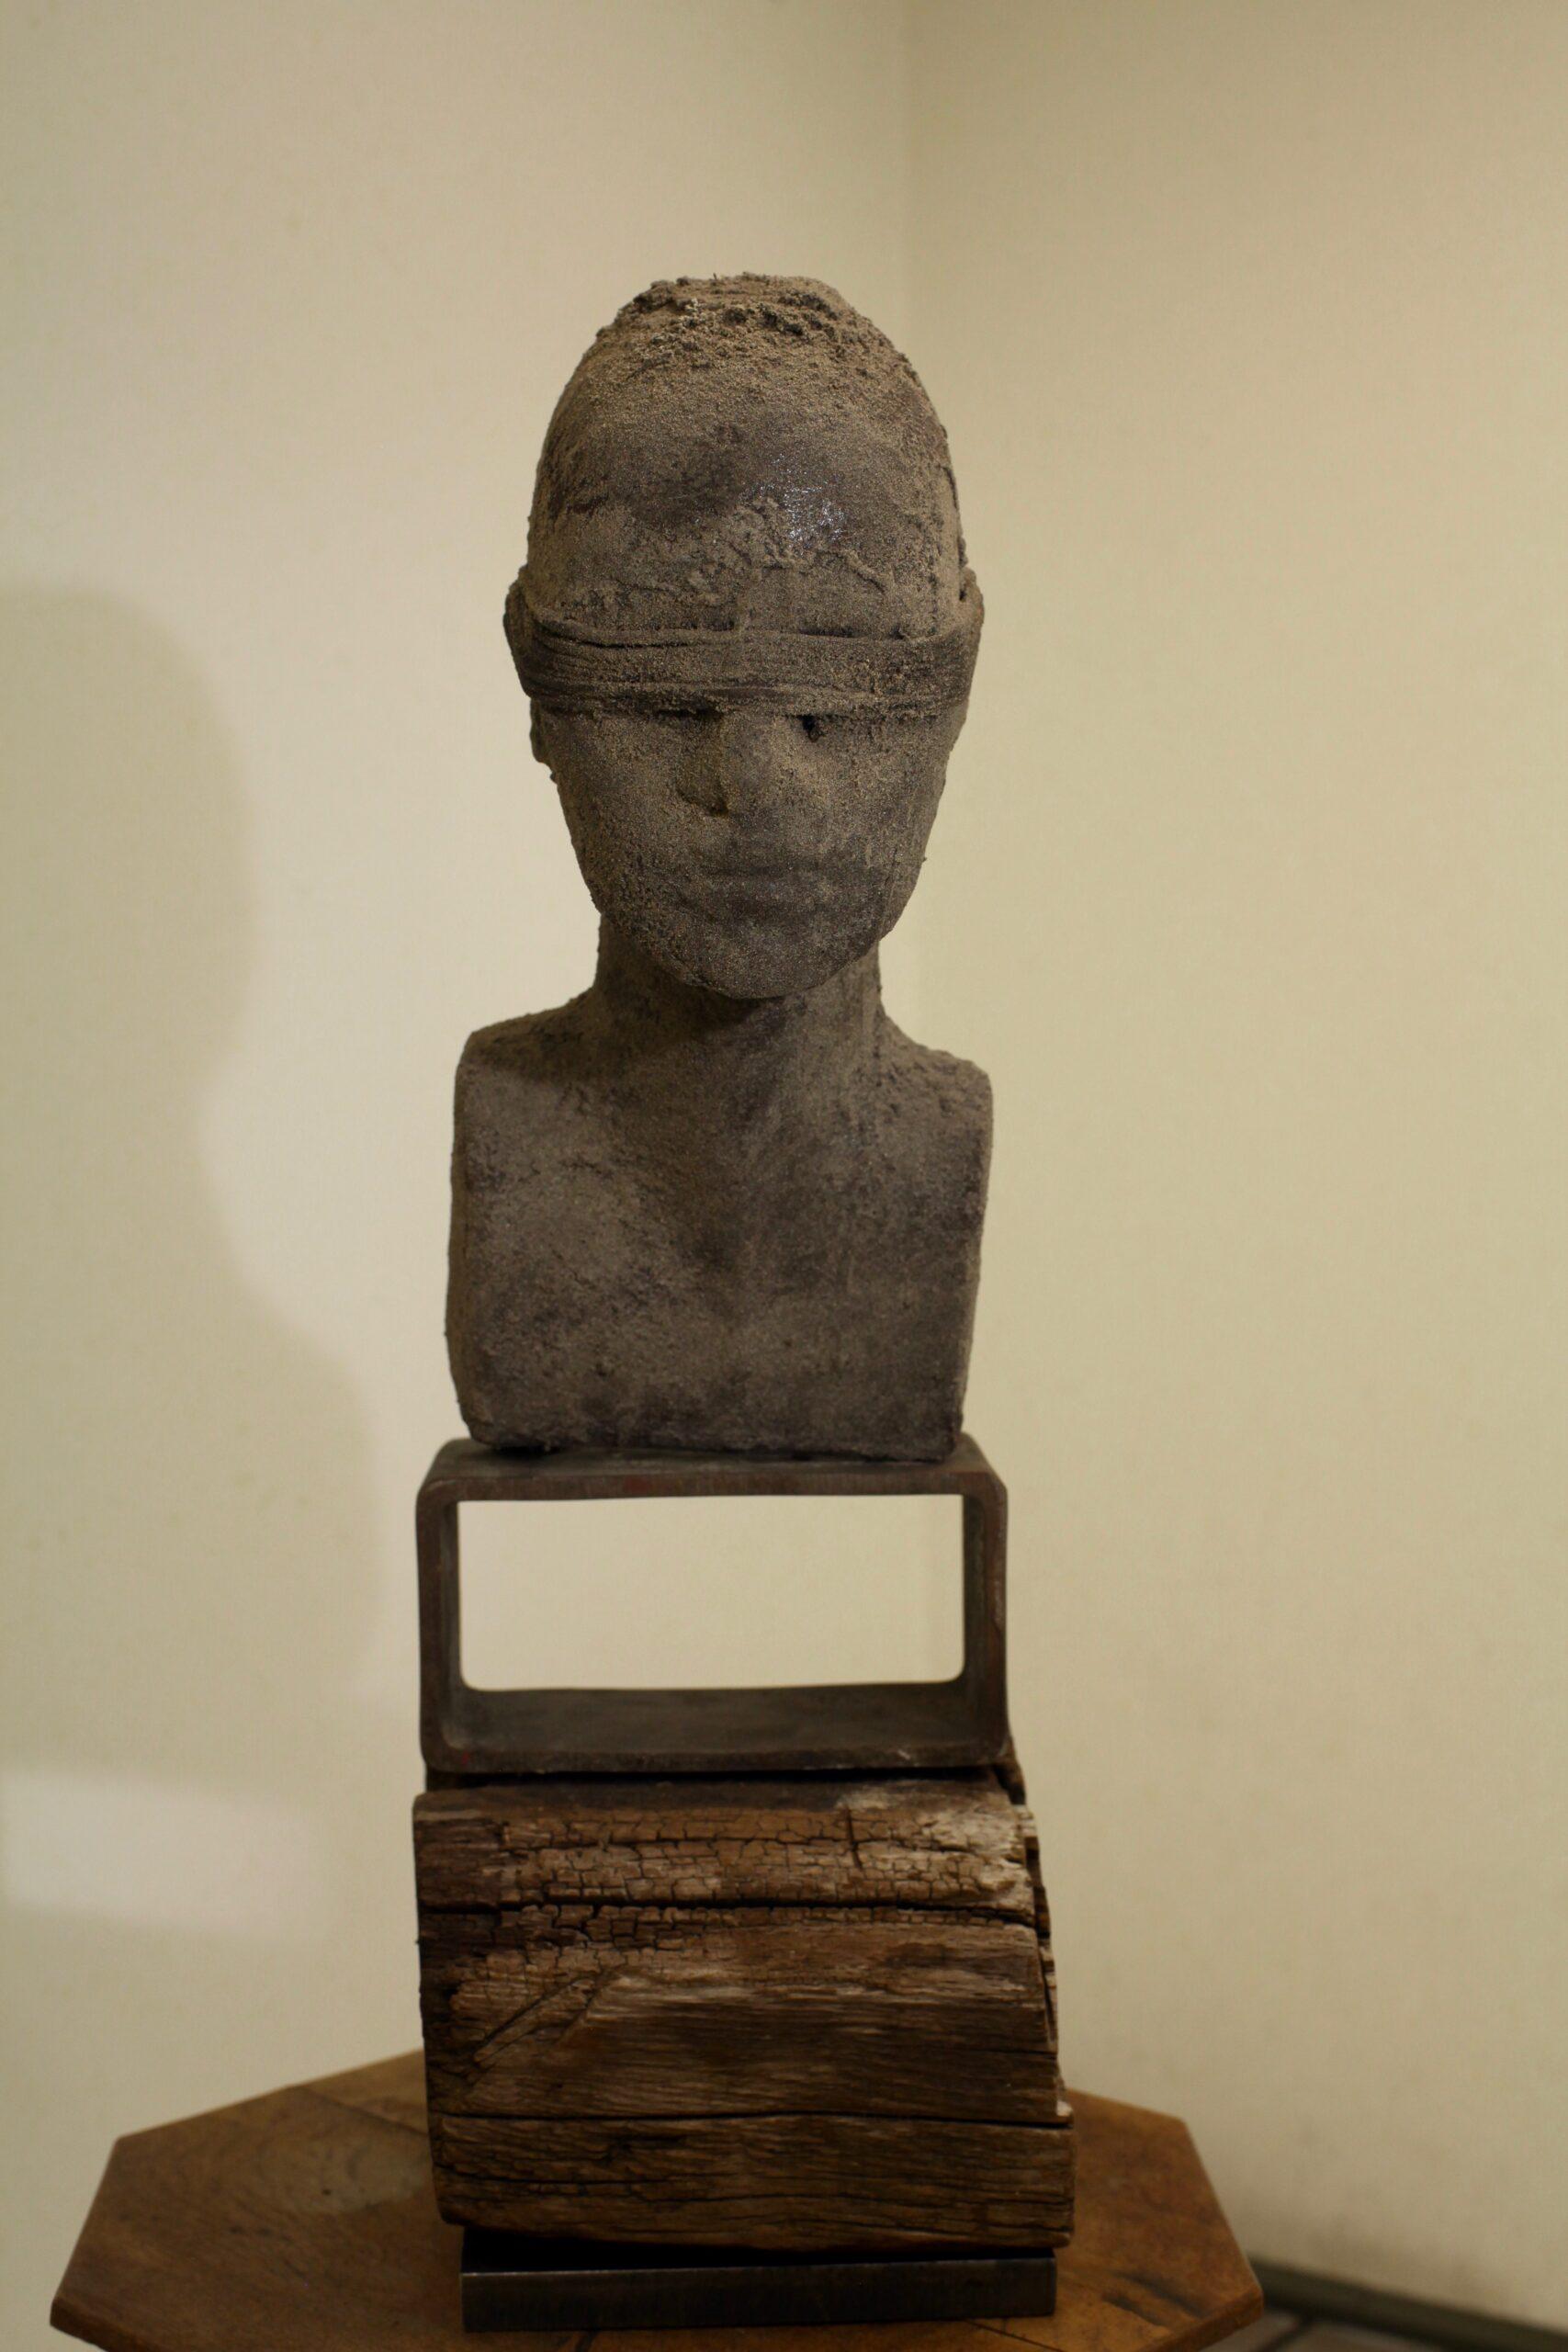 Ell Geeh sculpture